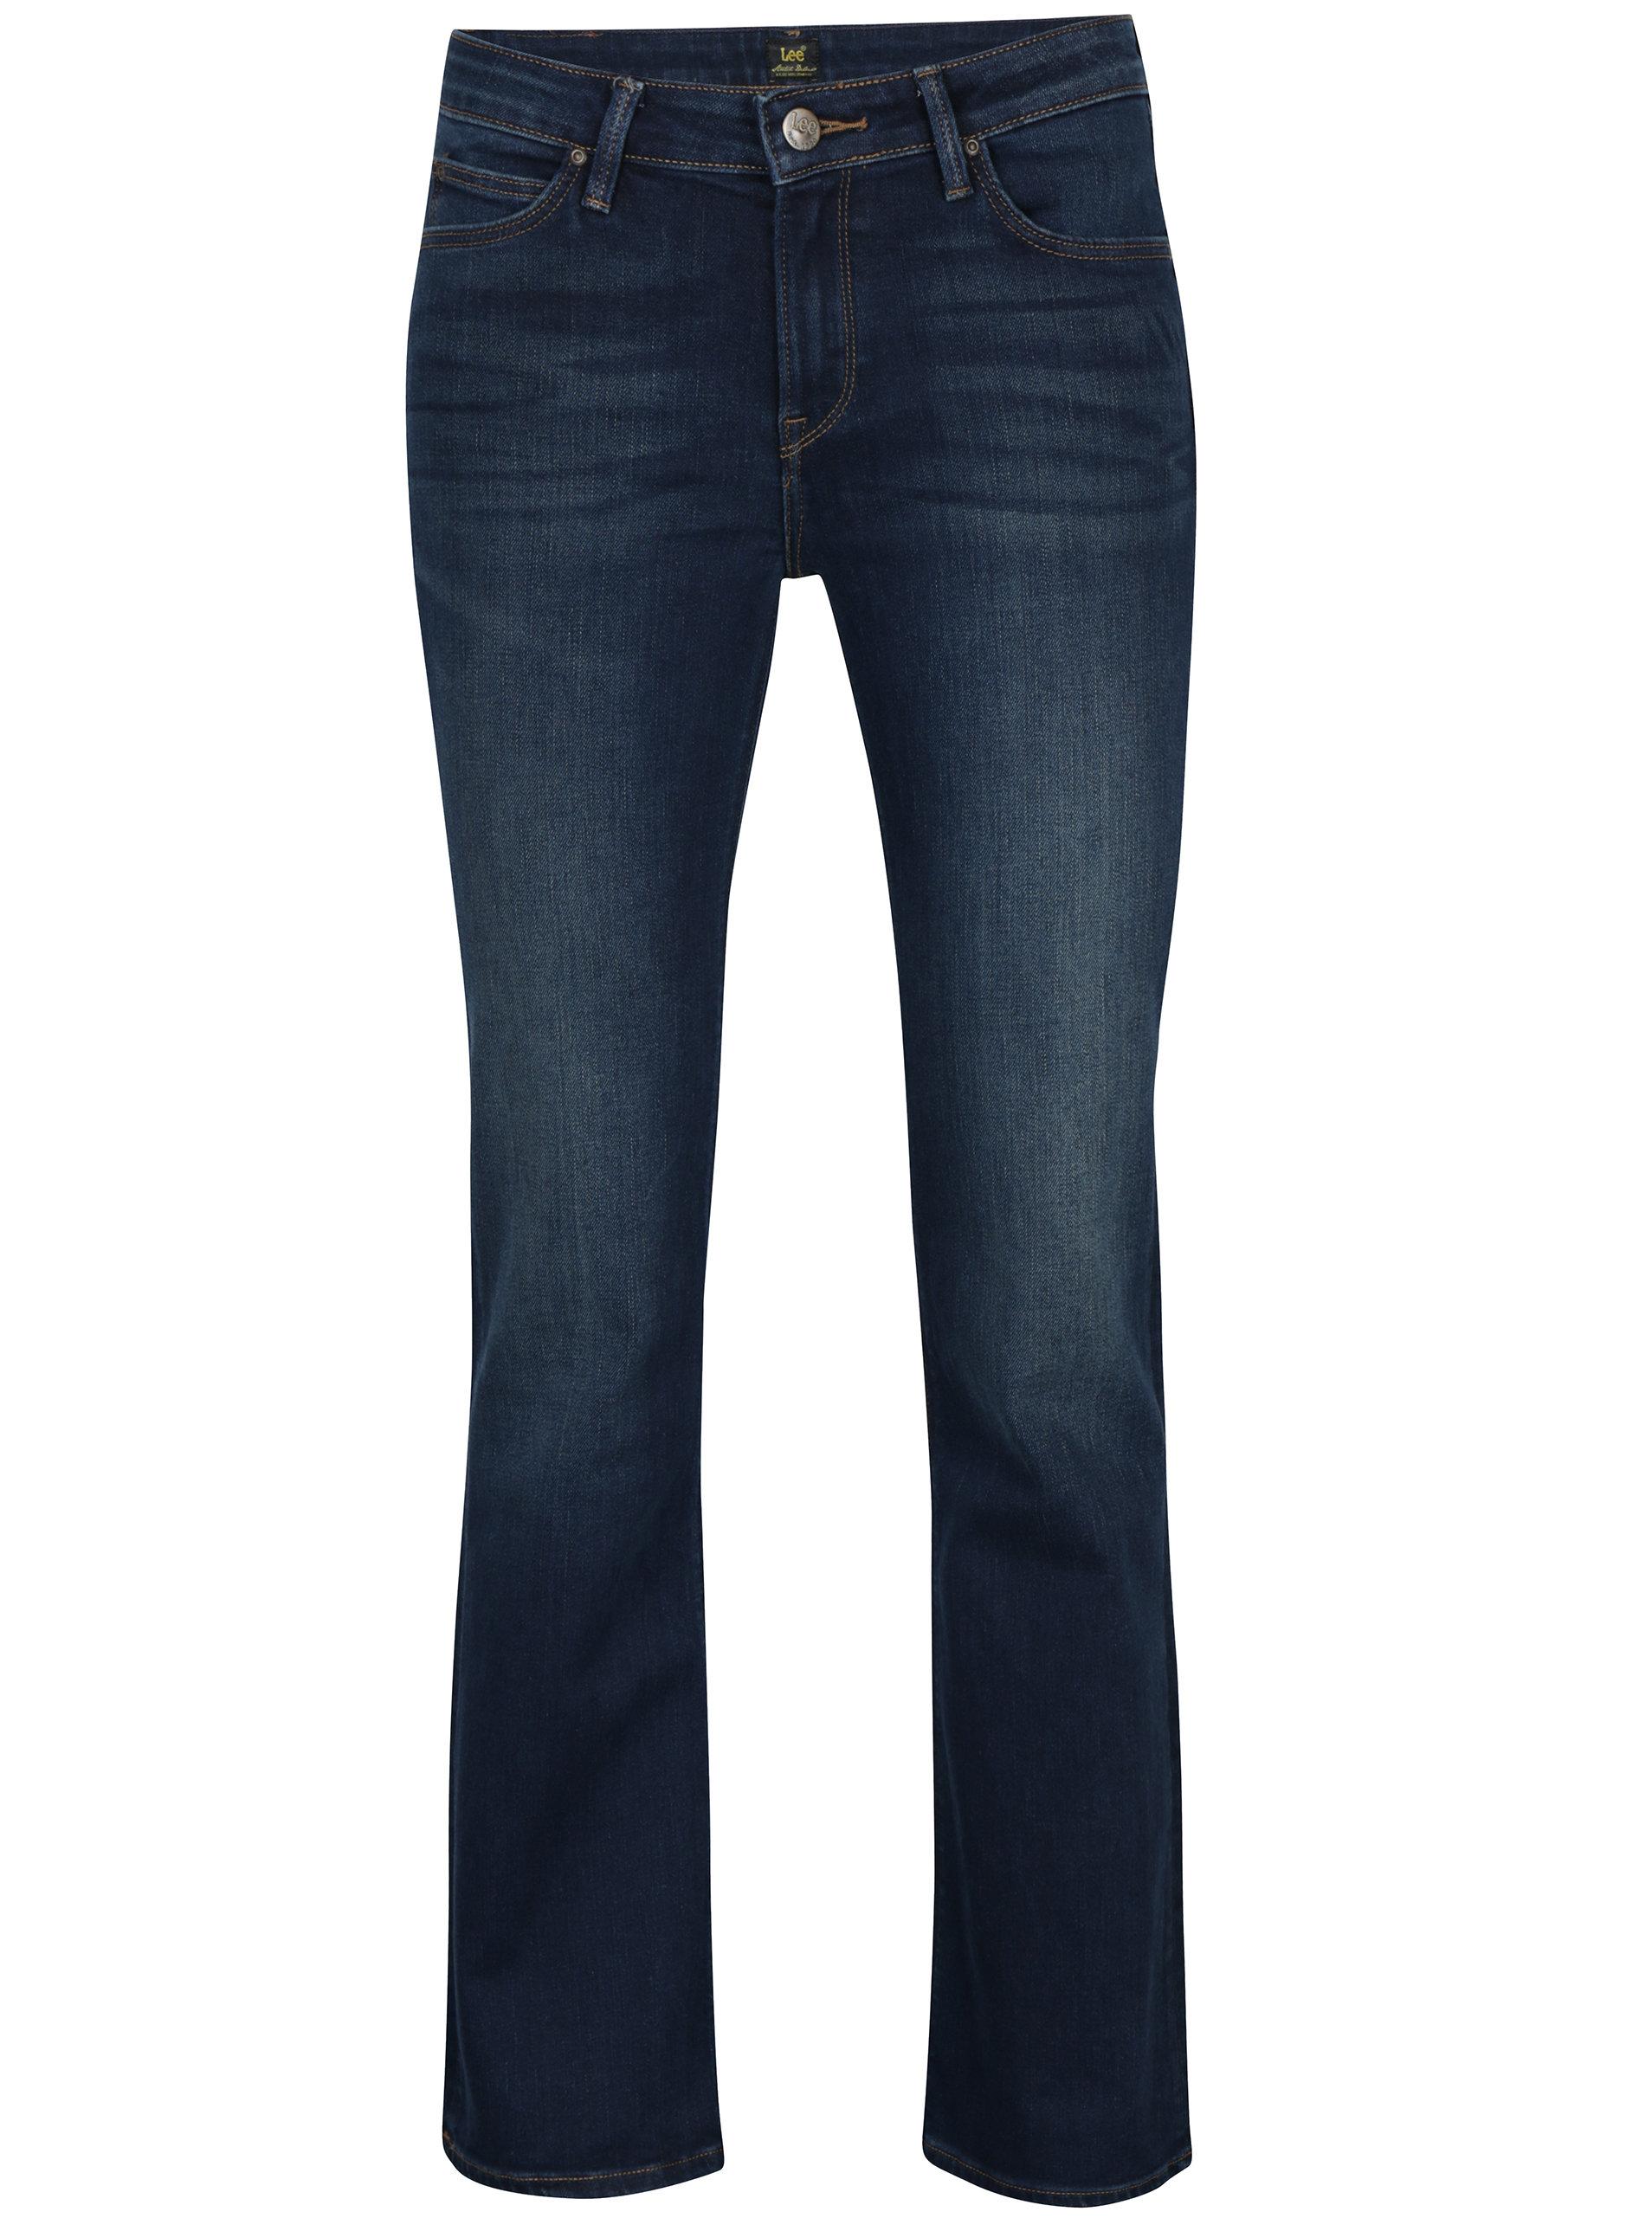 Tmavě modré dámské bootcut džíny Lee Hoxie ... 1e888d8aaf